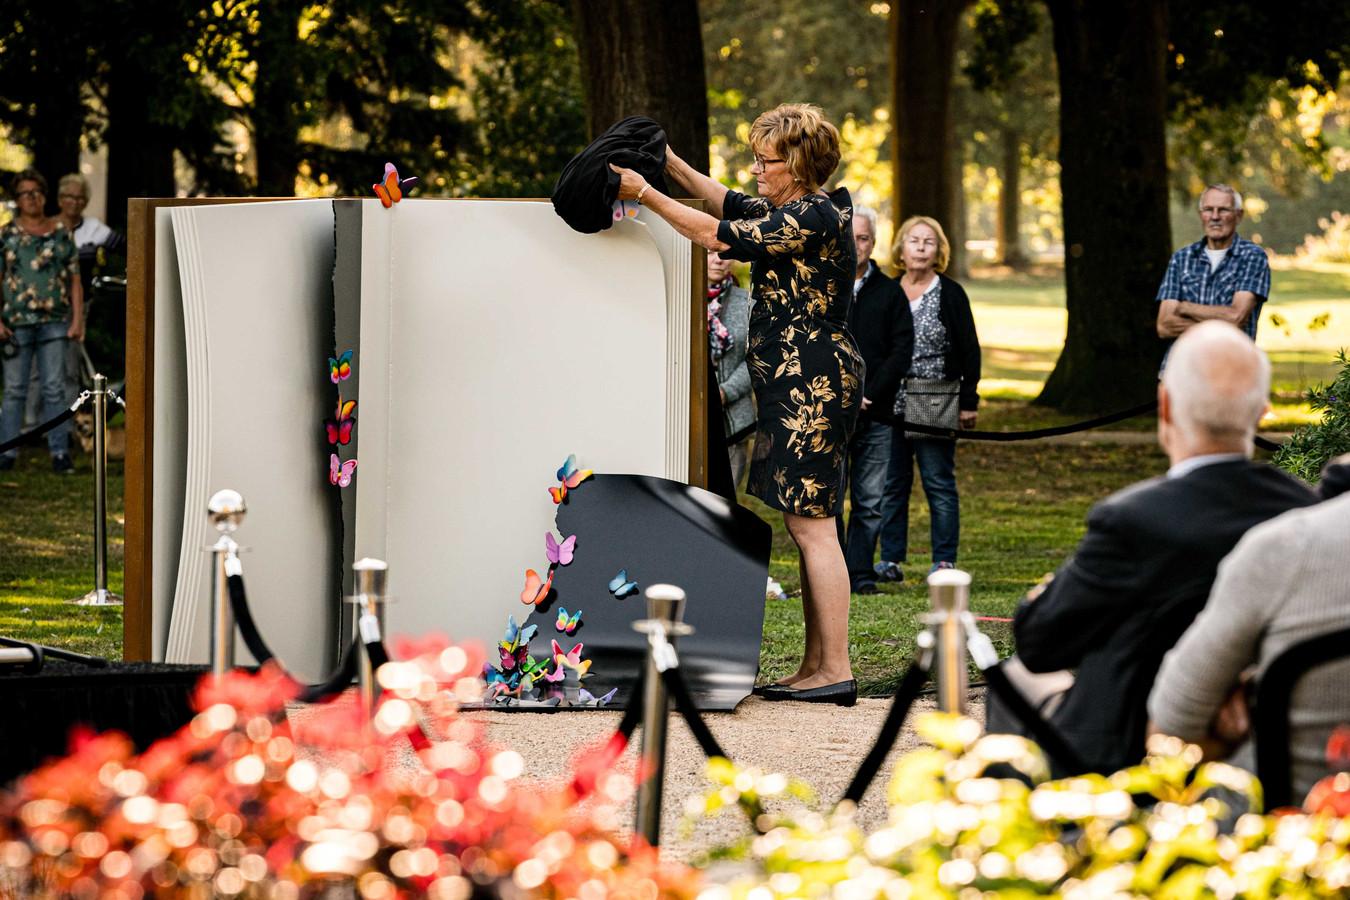 Burgemeester Wobine Buijs-Glaudemans van Oss onthult het herdenkingsmonument voor de kinderen.